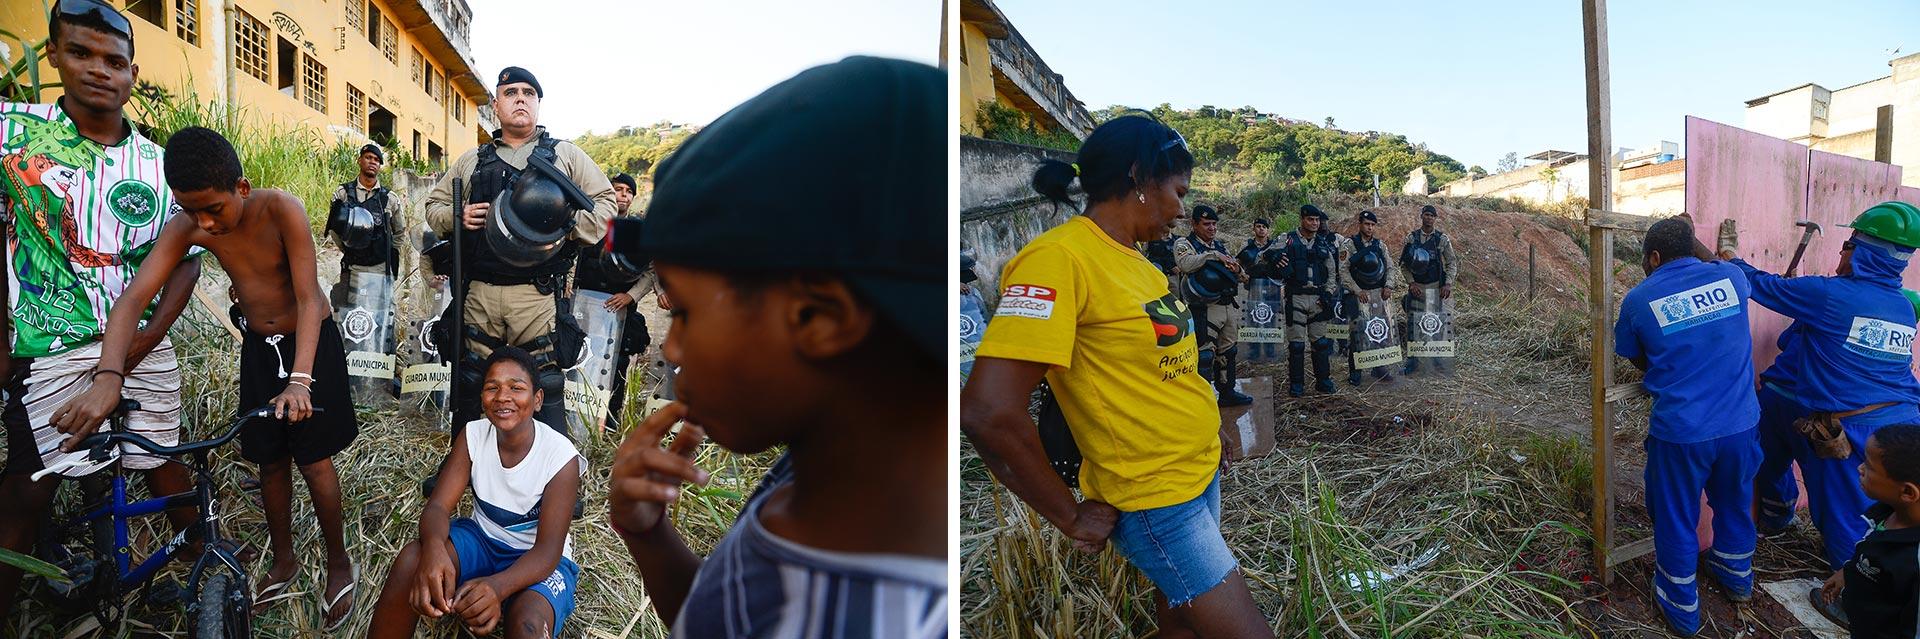 brasil_olimpico_5_caja